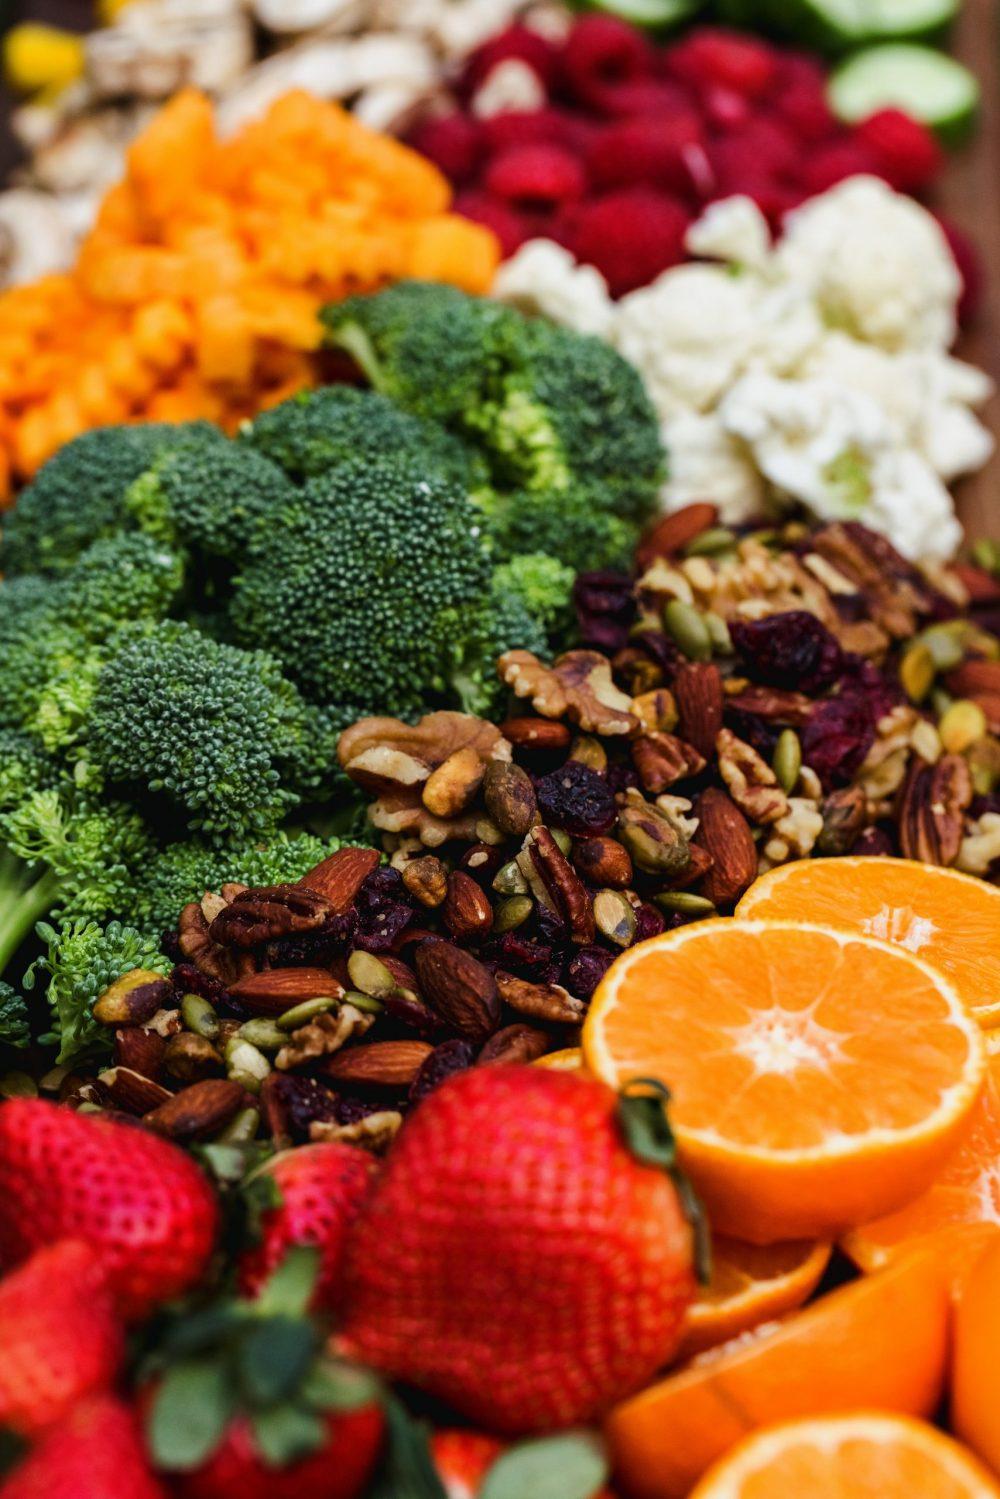 nathan dumlao rWcza92CapI unsplash scaled e1617808786865 Voće i povrće koje ima više vitamina C od narandže